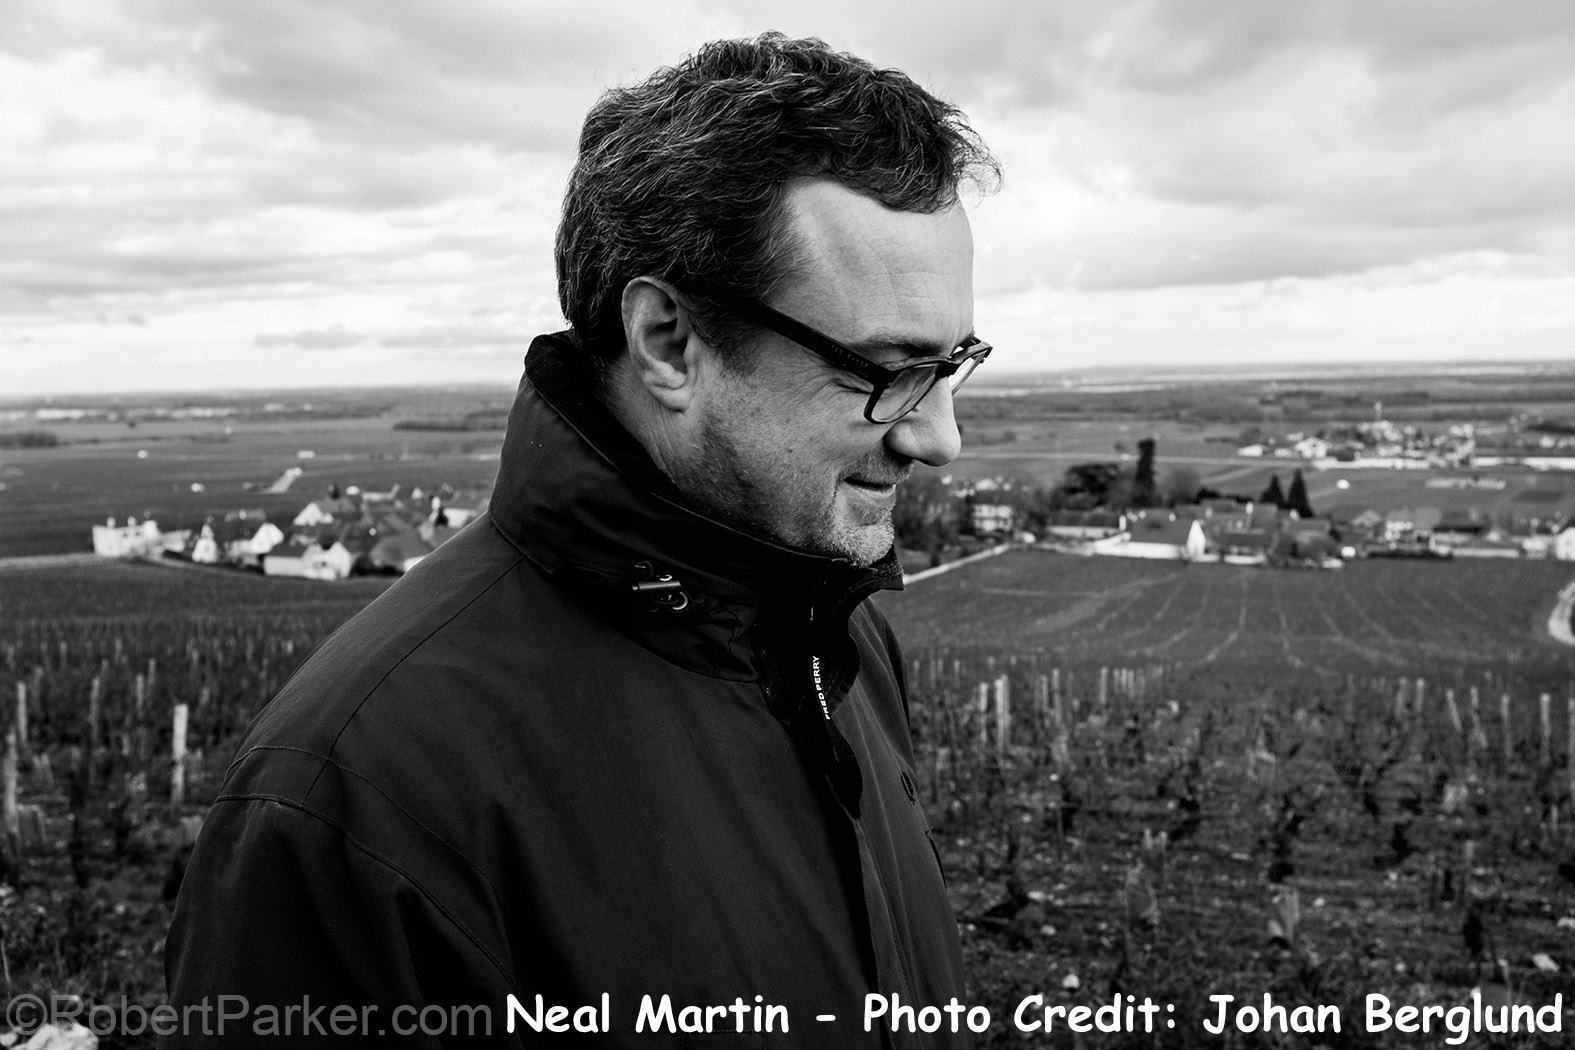 Últimas puntuaciones de bodegas artadi en the wine advocate.